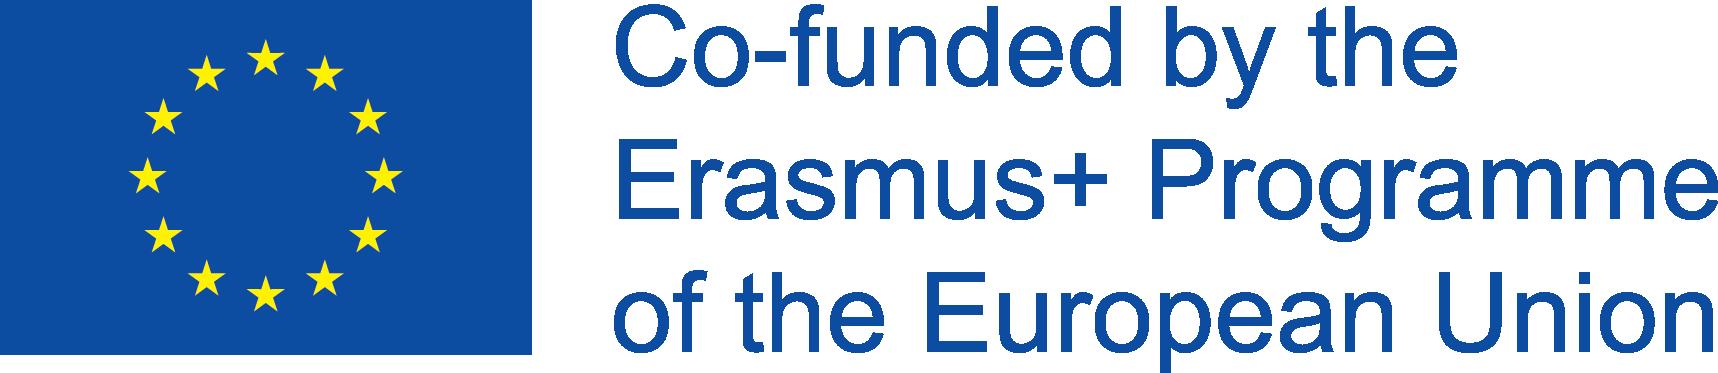 Znalezione obrazy dla zapytania logo erasmus plus co funded by